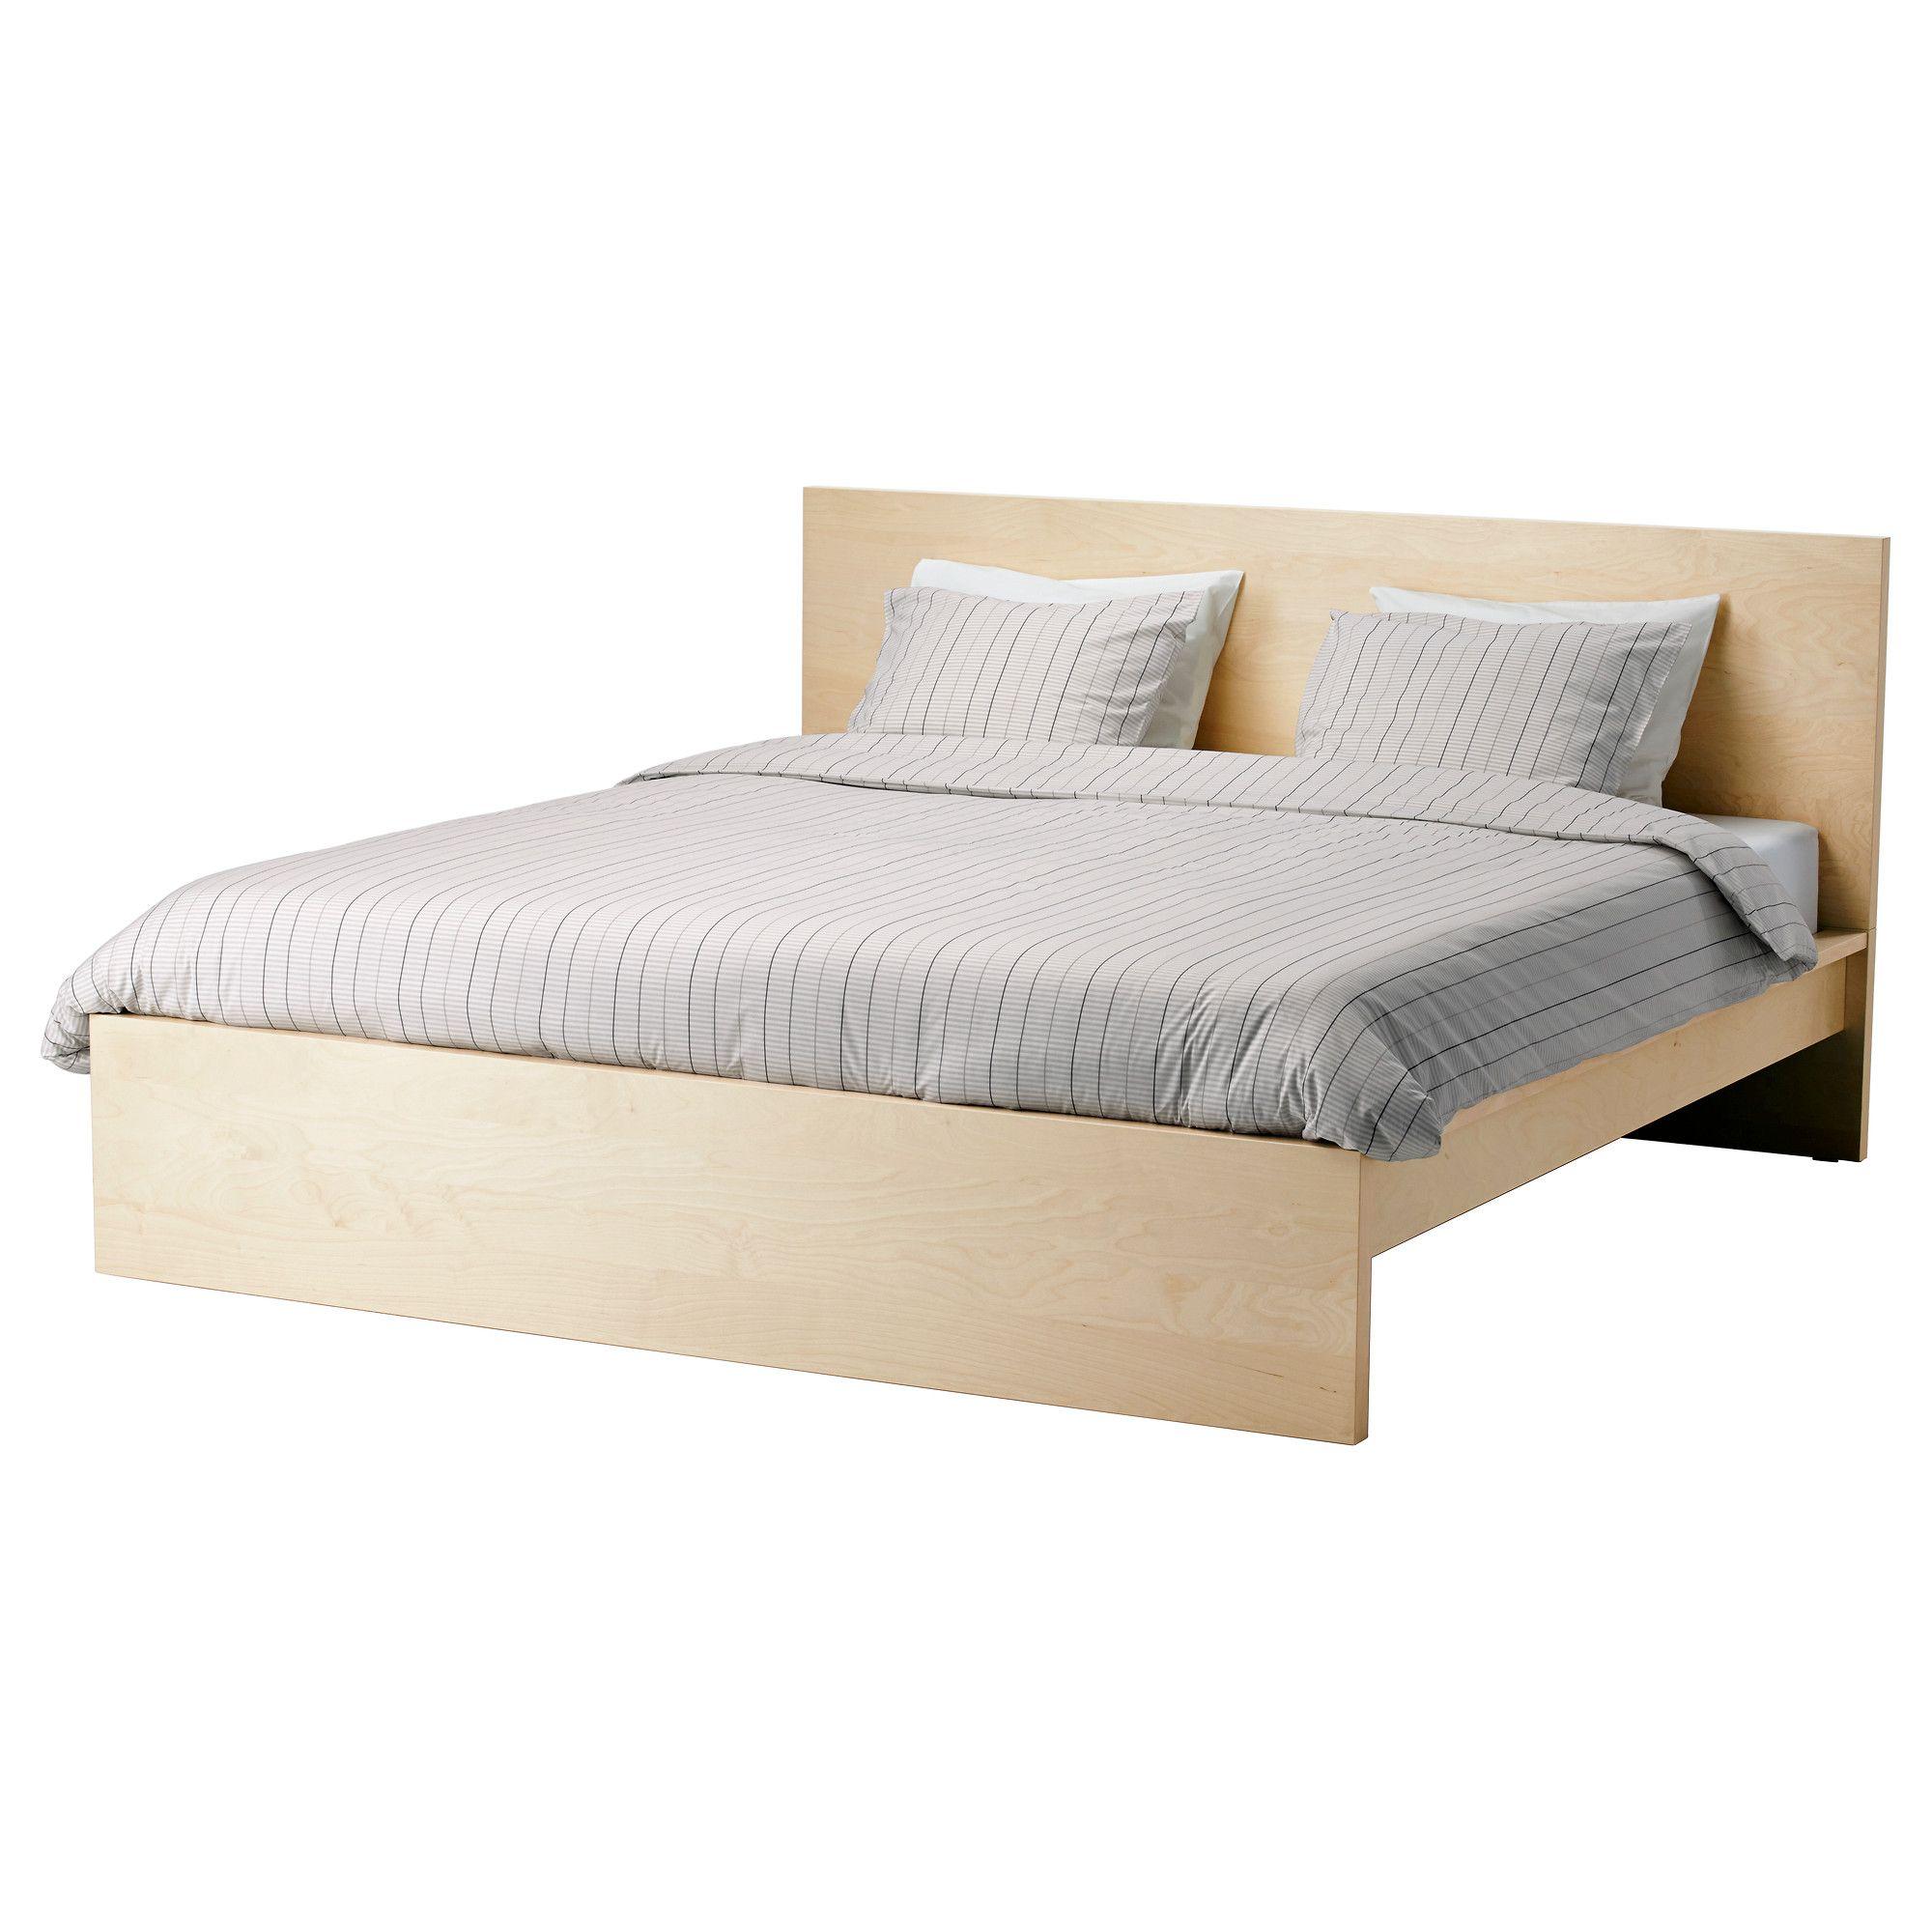 MALM Bed frame, high - Full, w/ Lury slatted bed base - IKEA